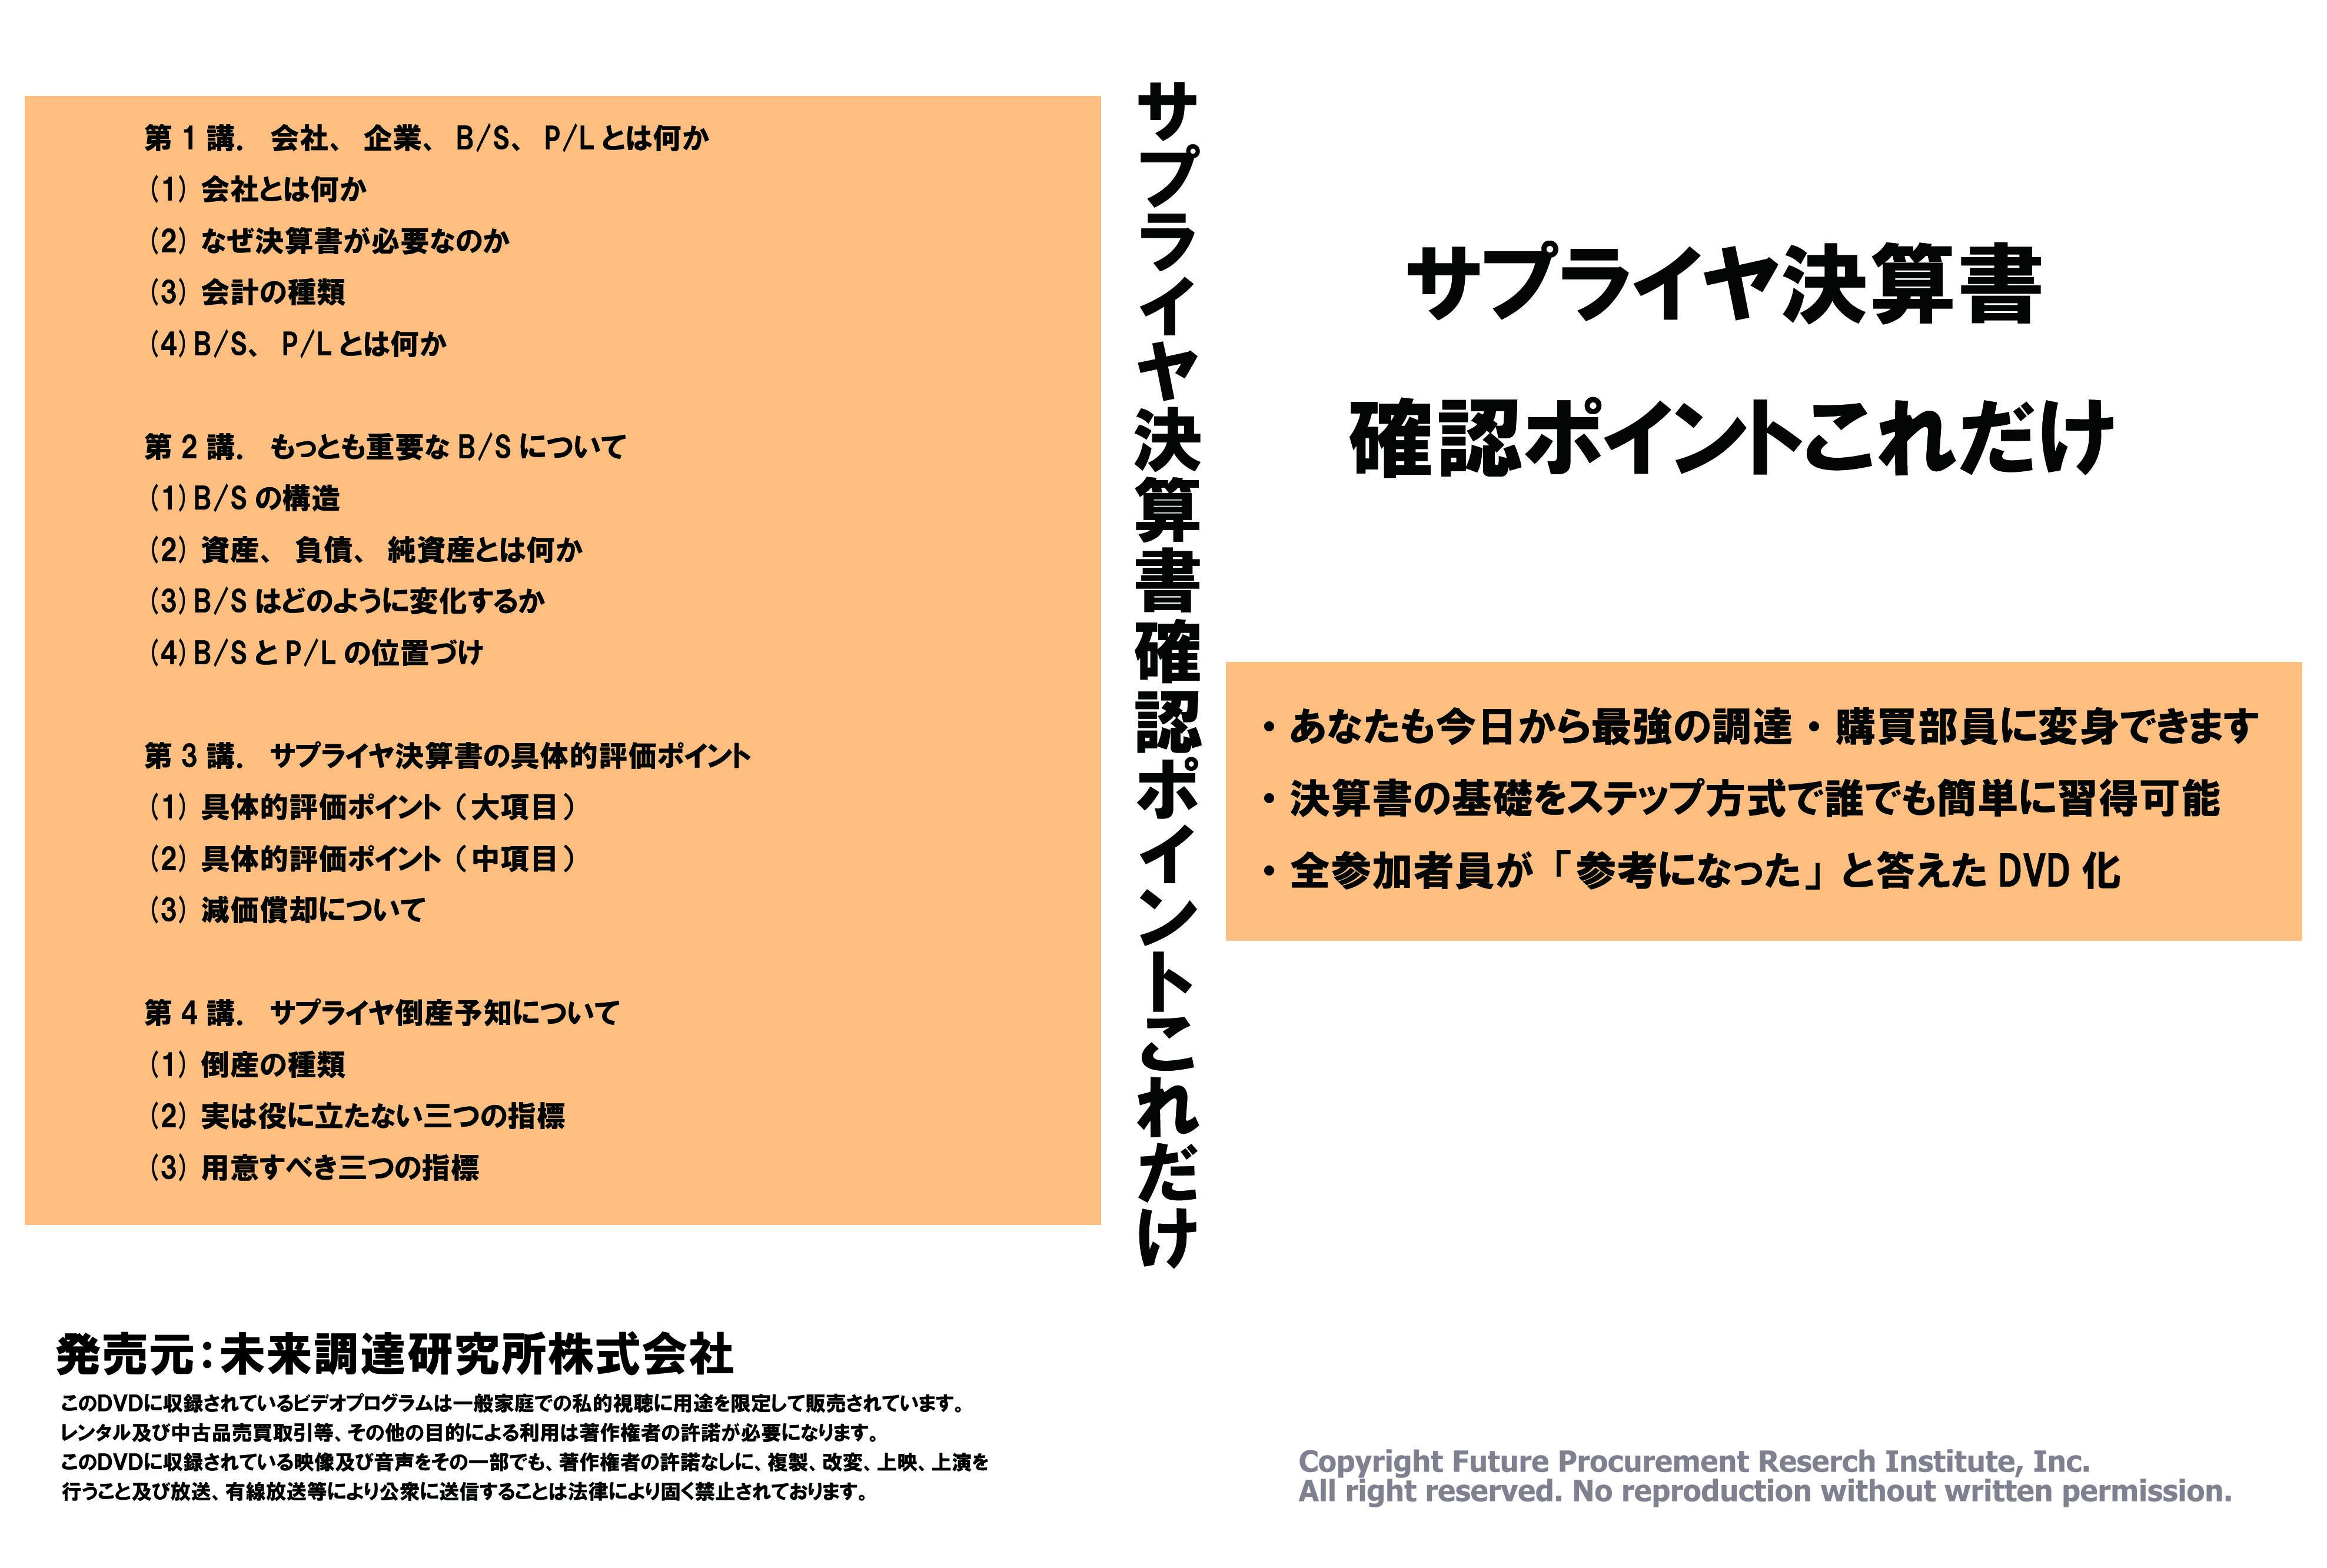 DVD教材「サプライヤ決算書確認ポイントこれだけ」(DVD+テキスト)